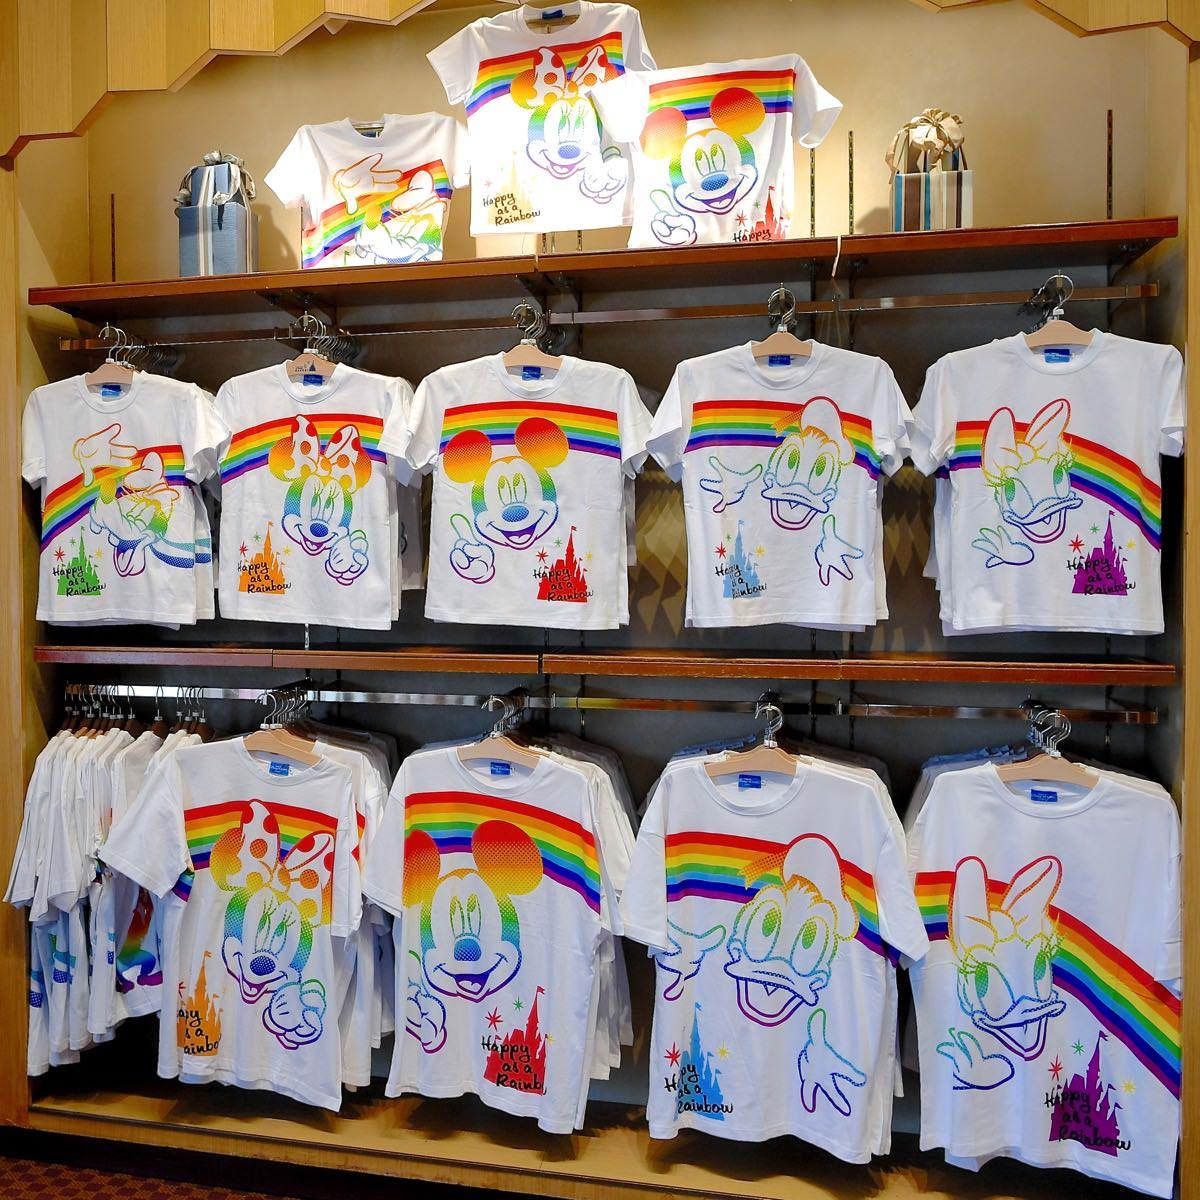 ミッキー&フレンズパークにレインボー(虹)をかけようTシャツ